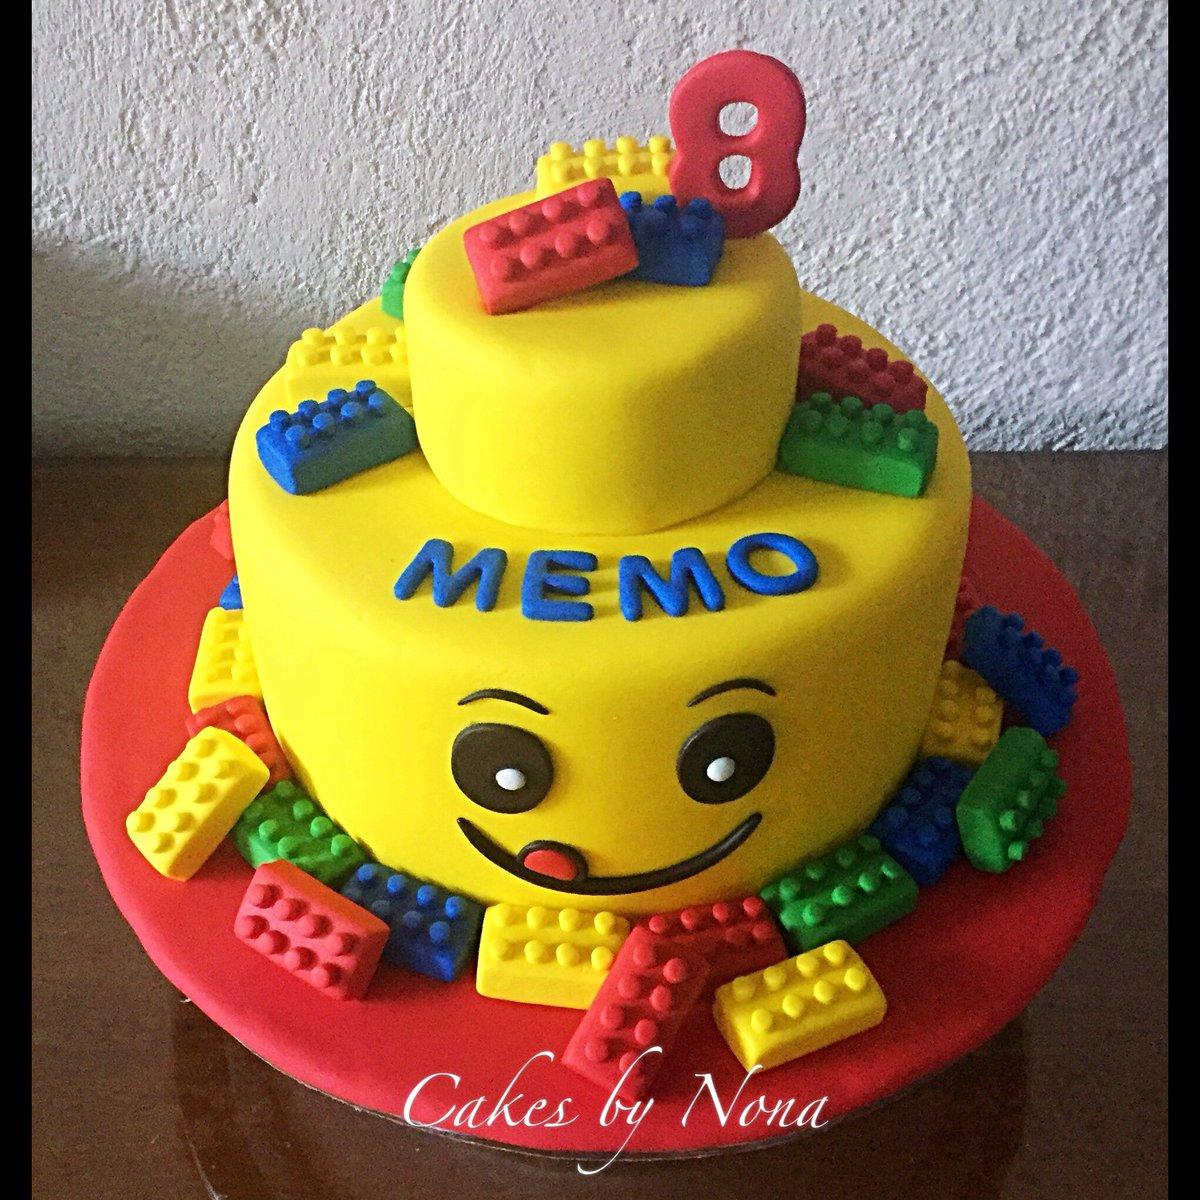 Cakesbynona On Twitter Lego Bday Cake Lego Legofan Legocake Cake Cakedecorating Cakeart Customcakes Cakesbynonamex Cakesbynona Cakedesign Fondantcake Colorfulcake Https T Co Xrpnujytz3